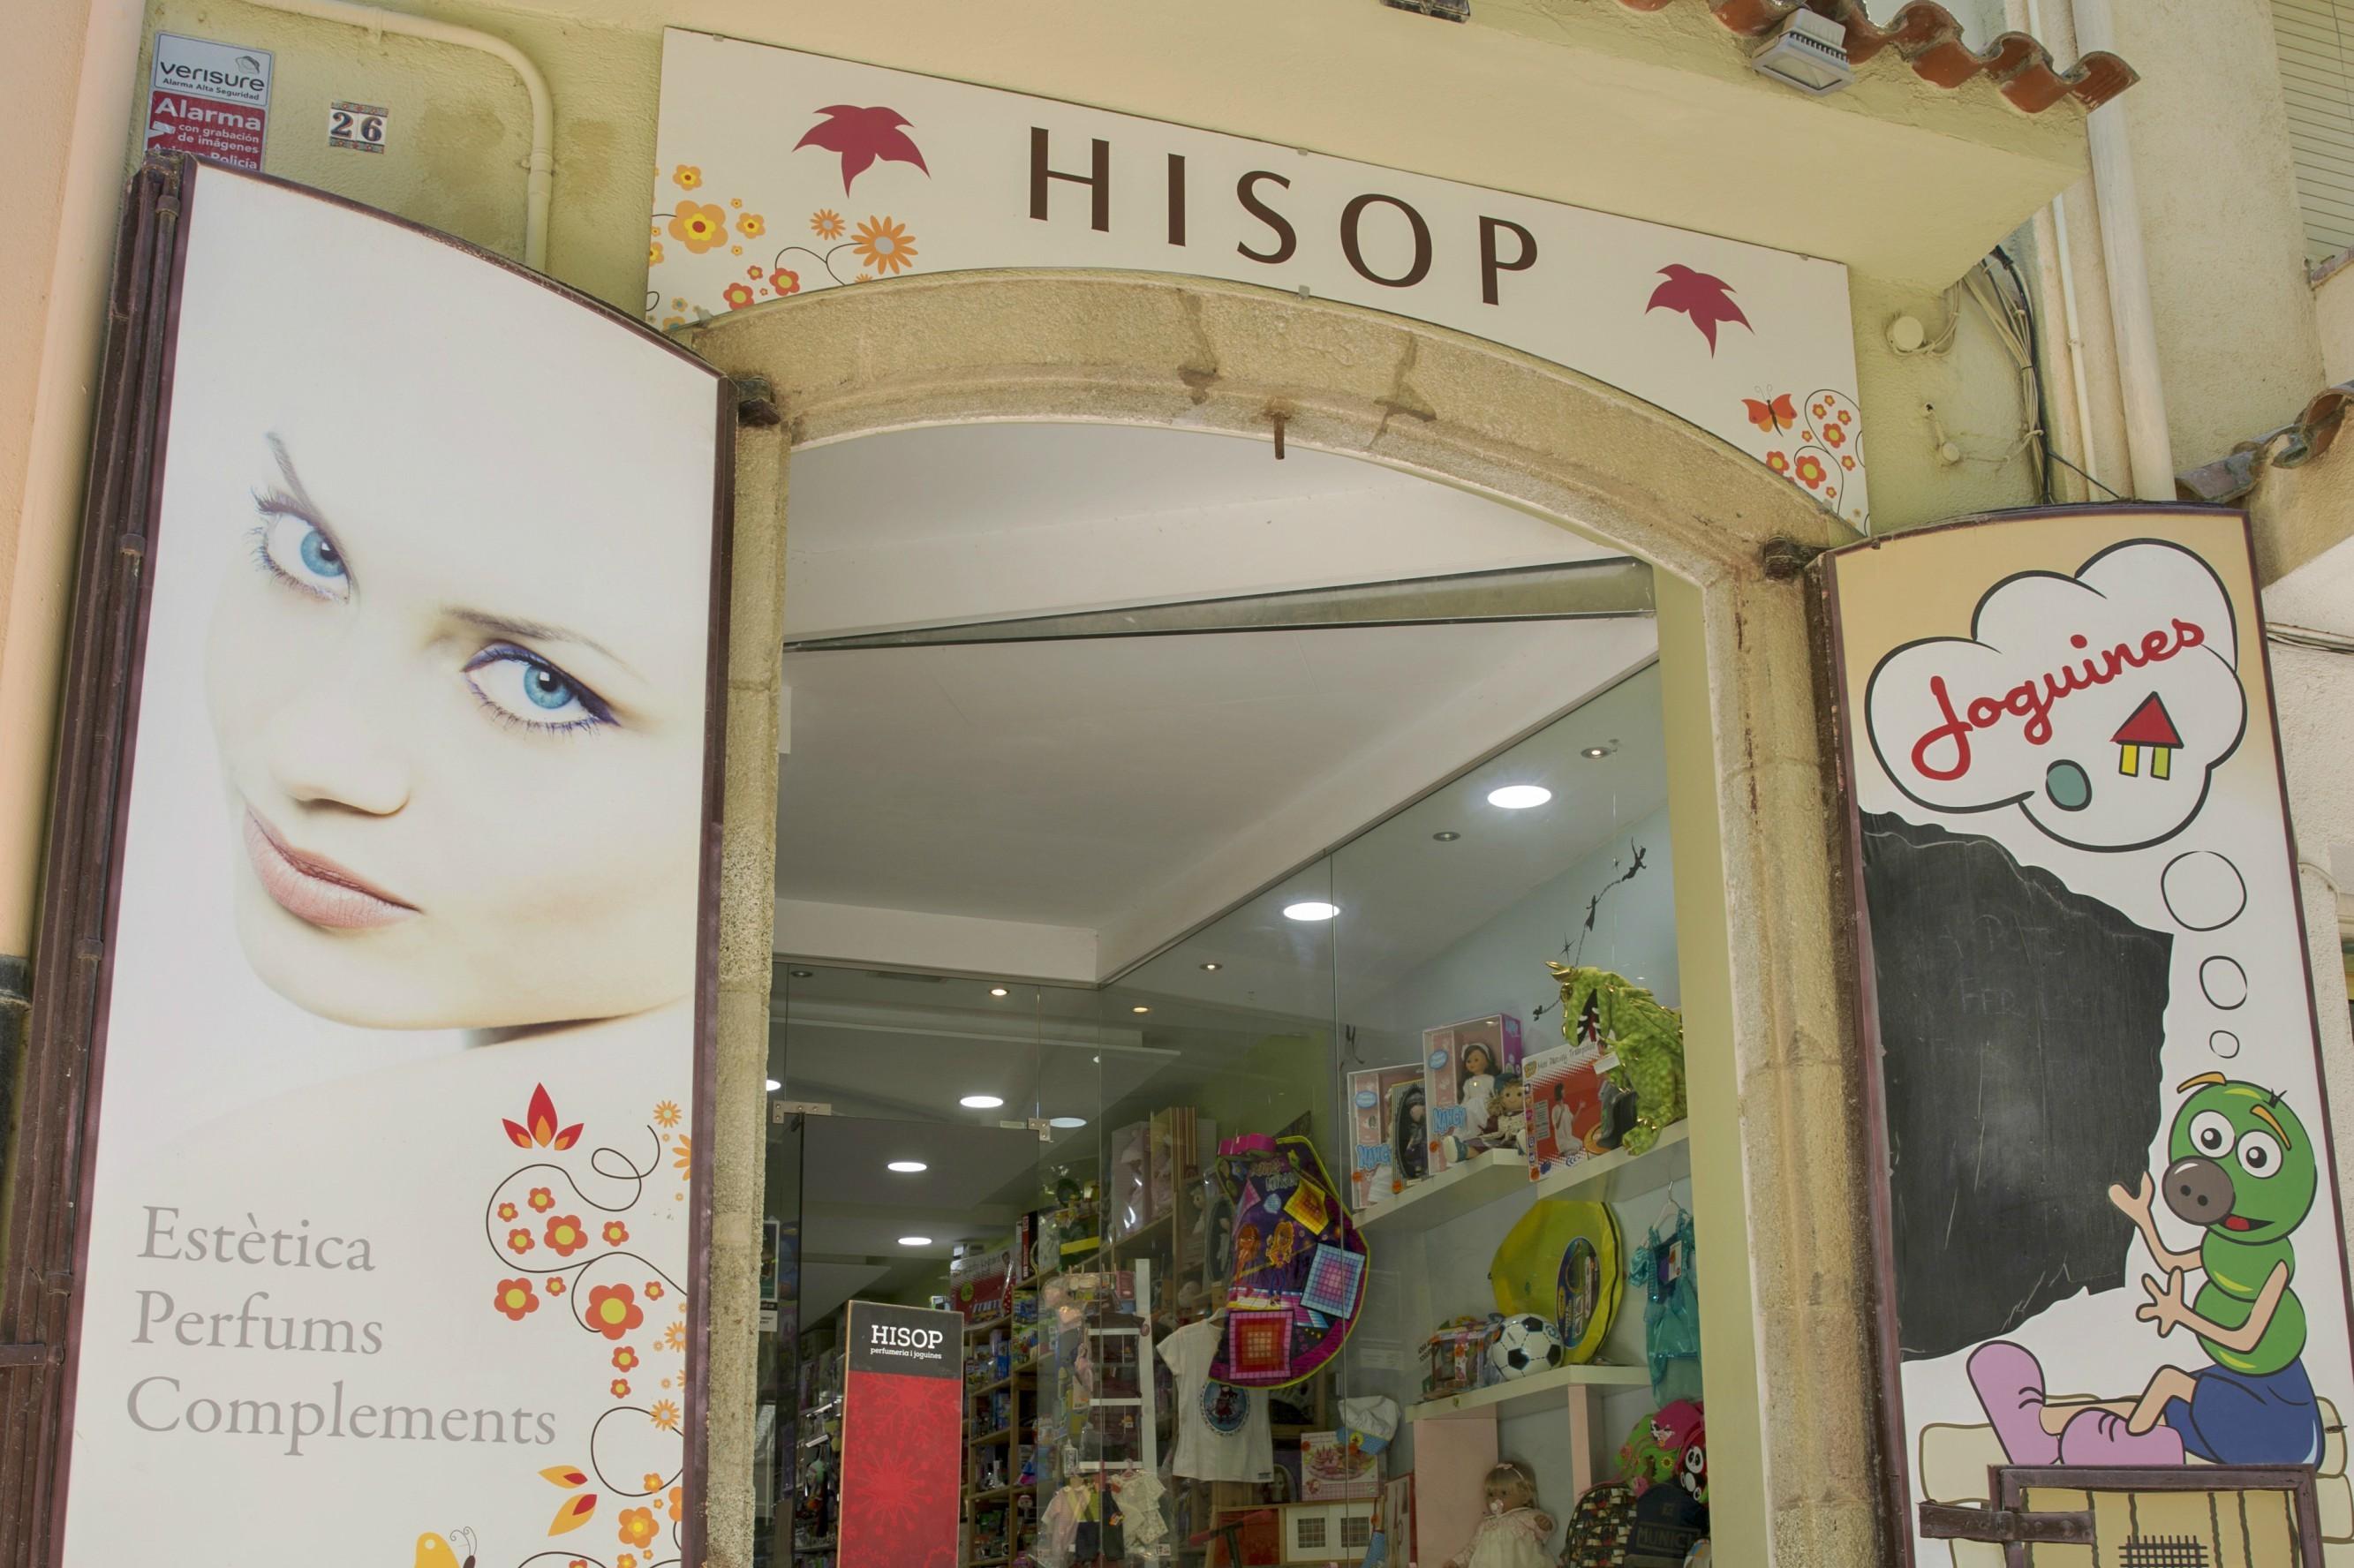 Hisop5